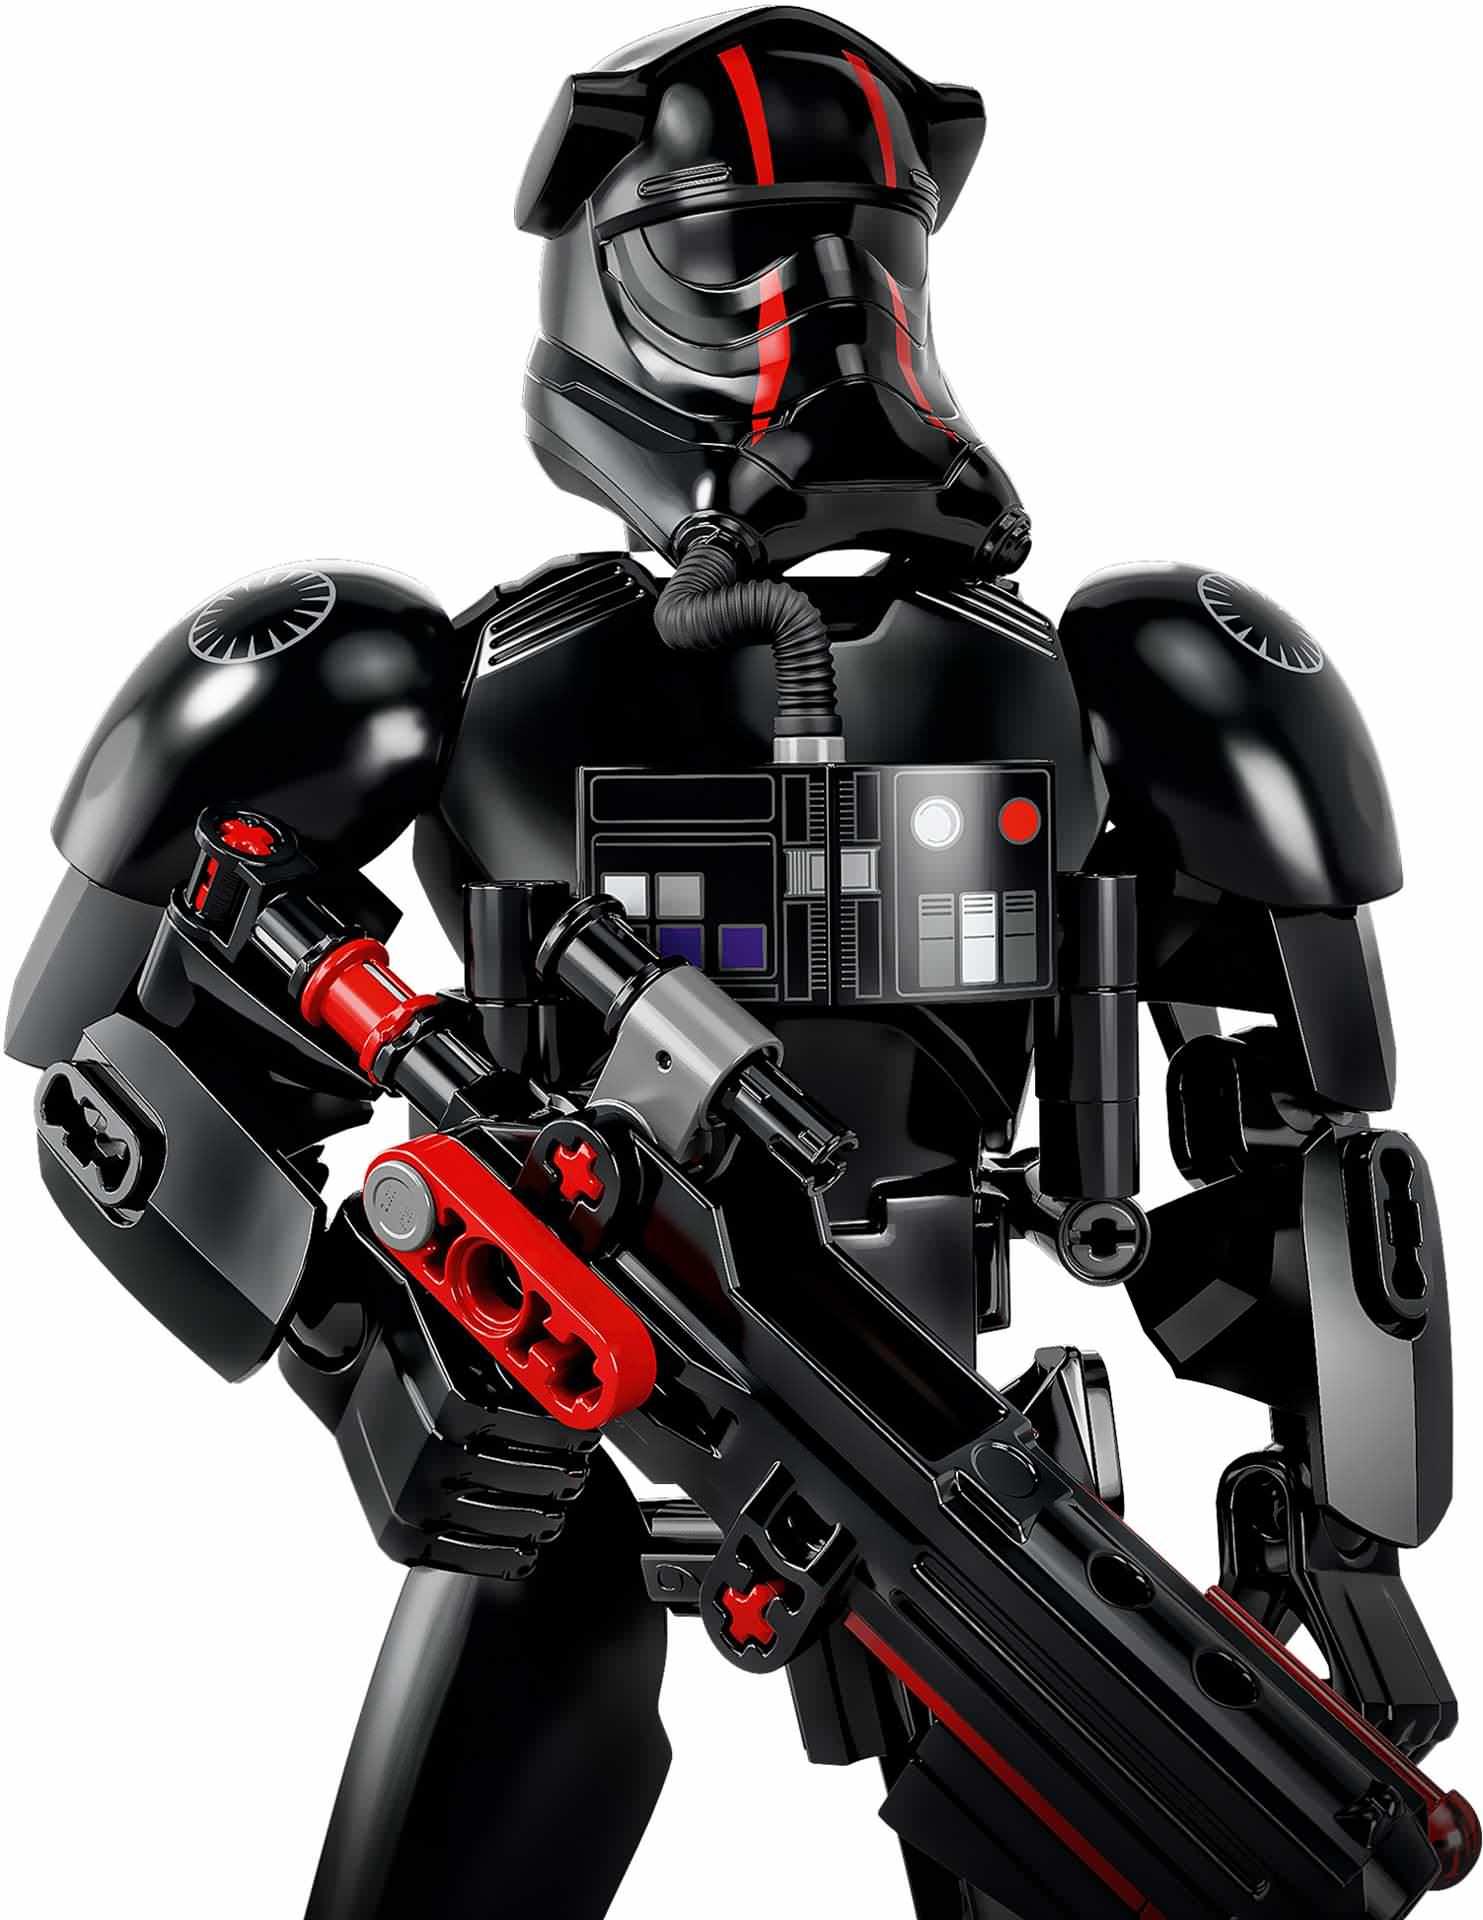 [Produits] Figurines Star Wars de l'automne 2017 : découvrez les images ! Diknd410